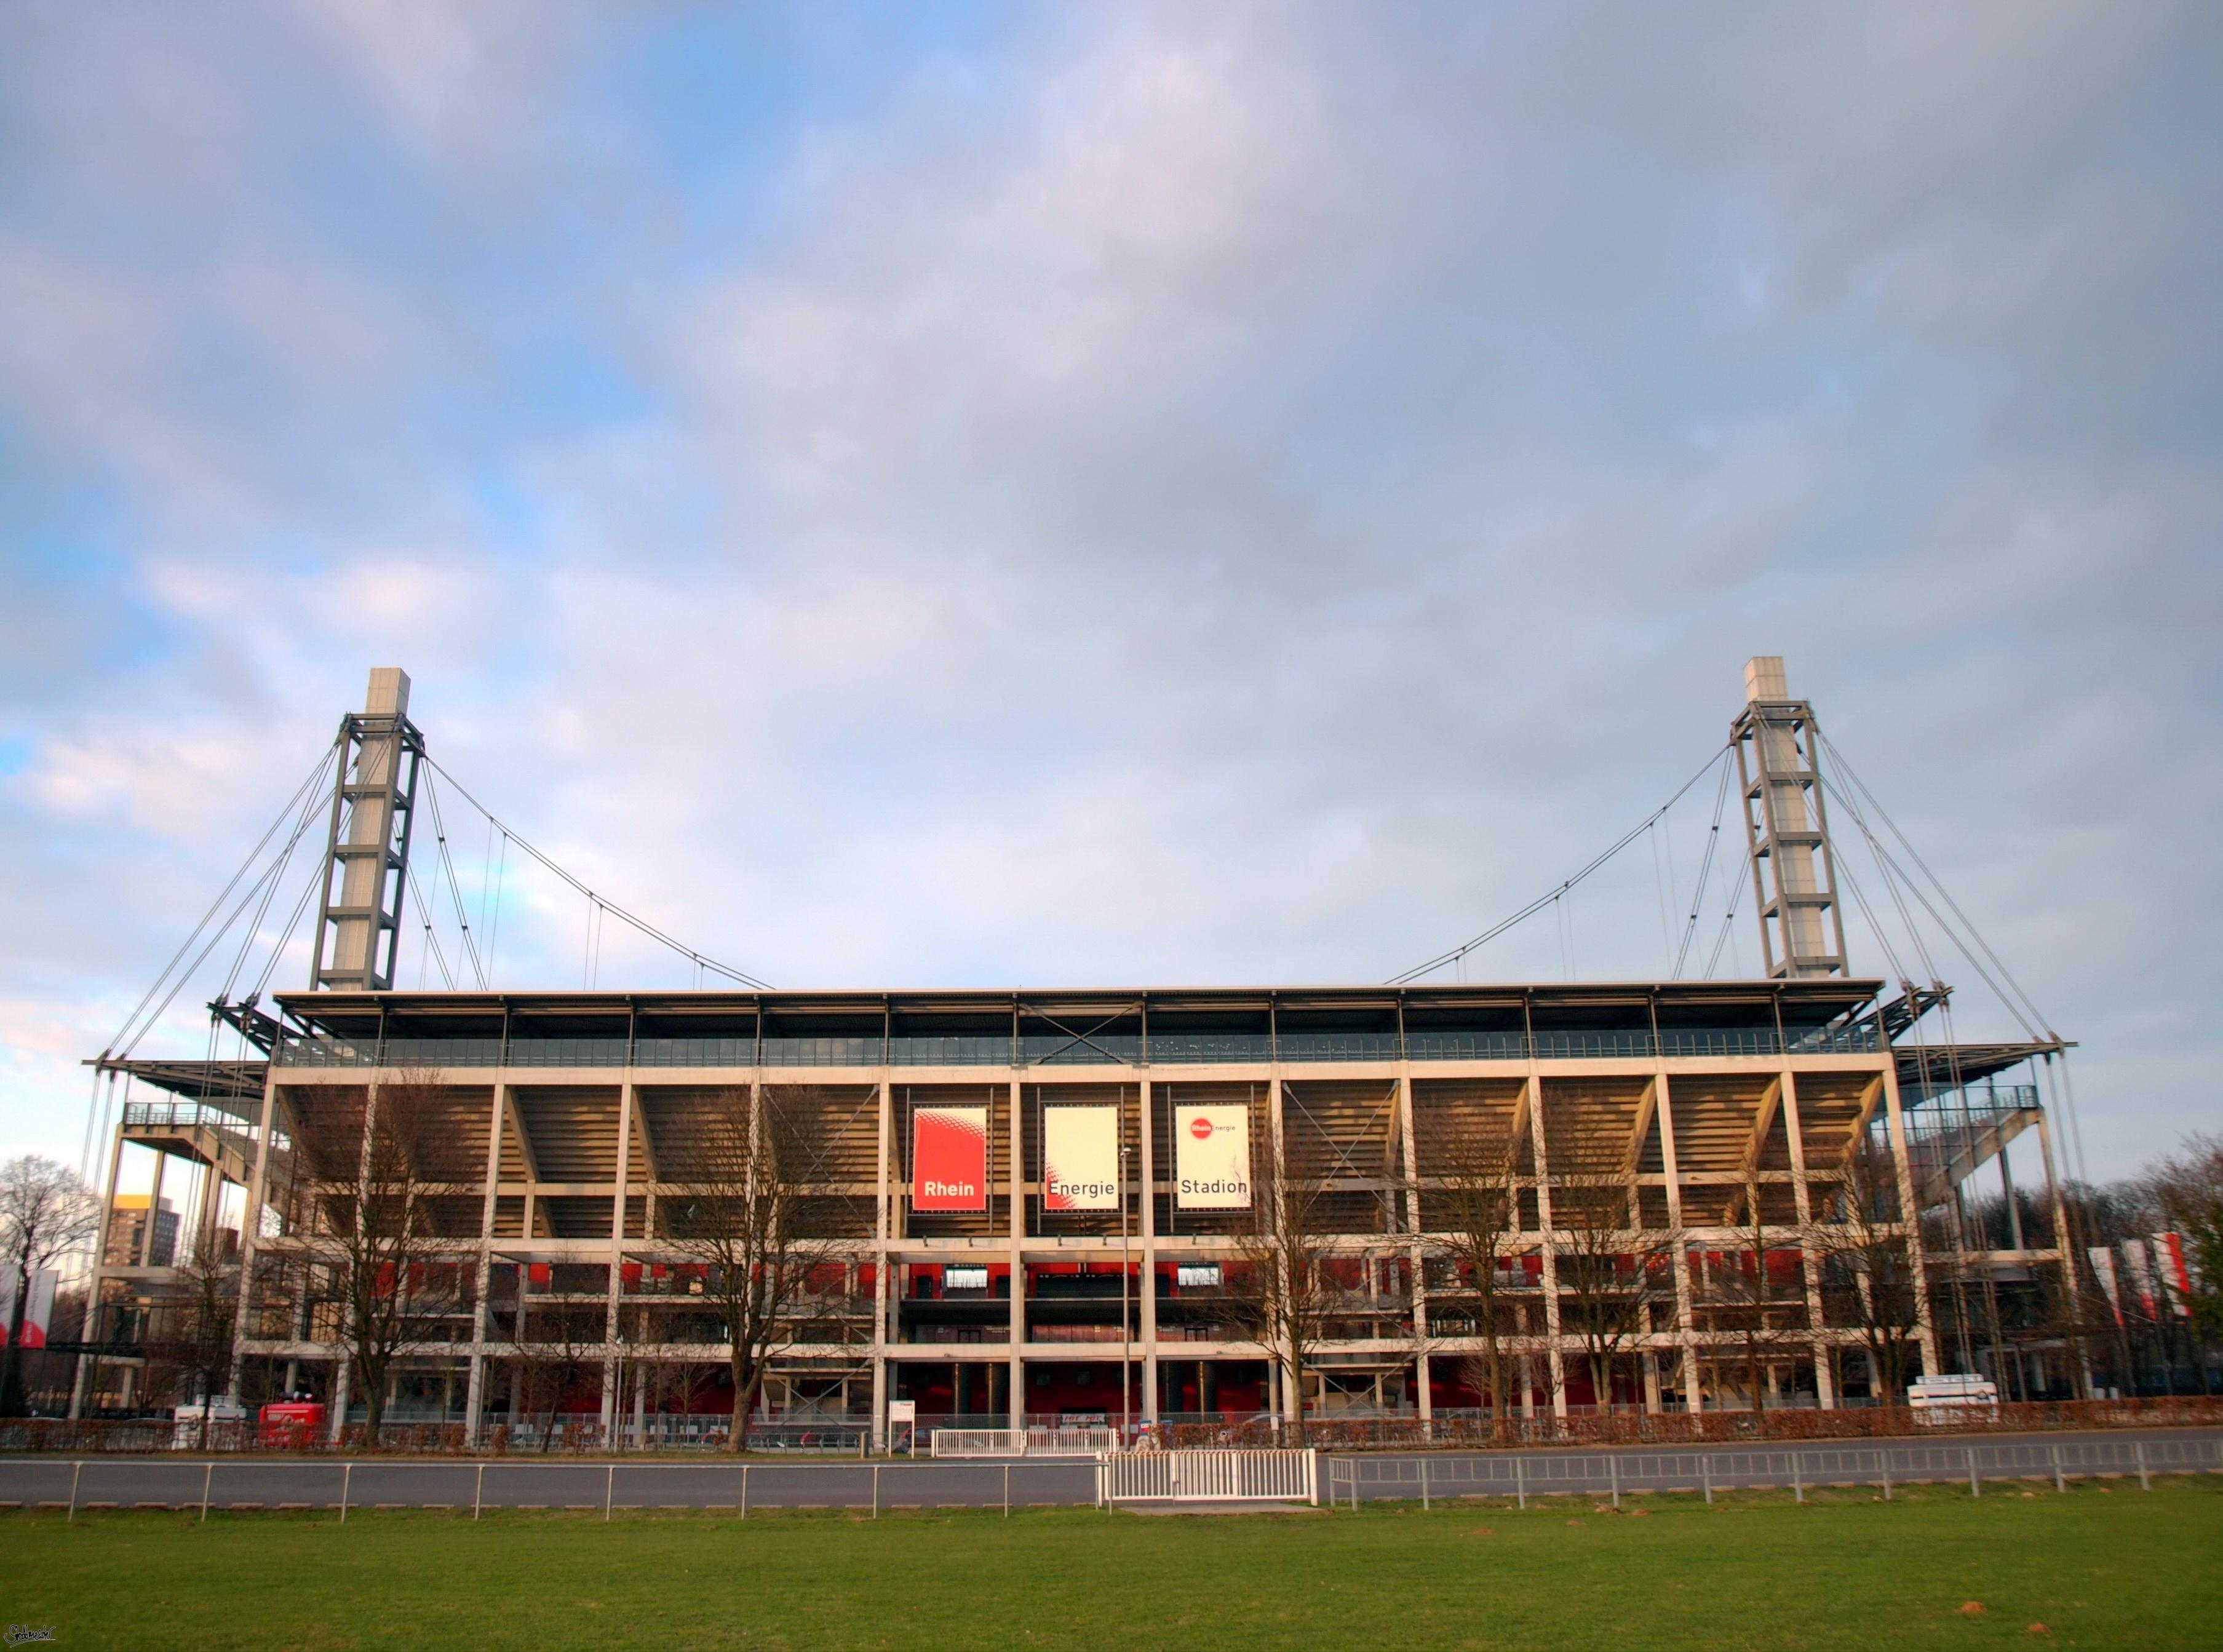 Sebesség társkereső köln rheinenergiestadion